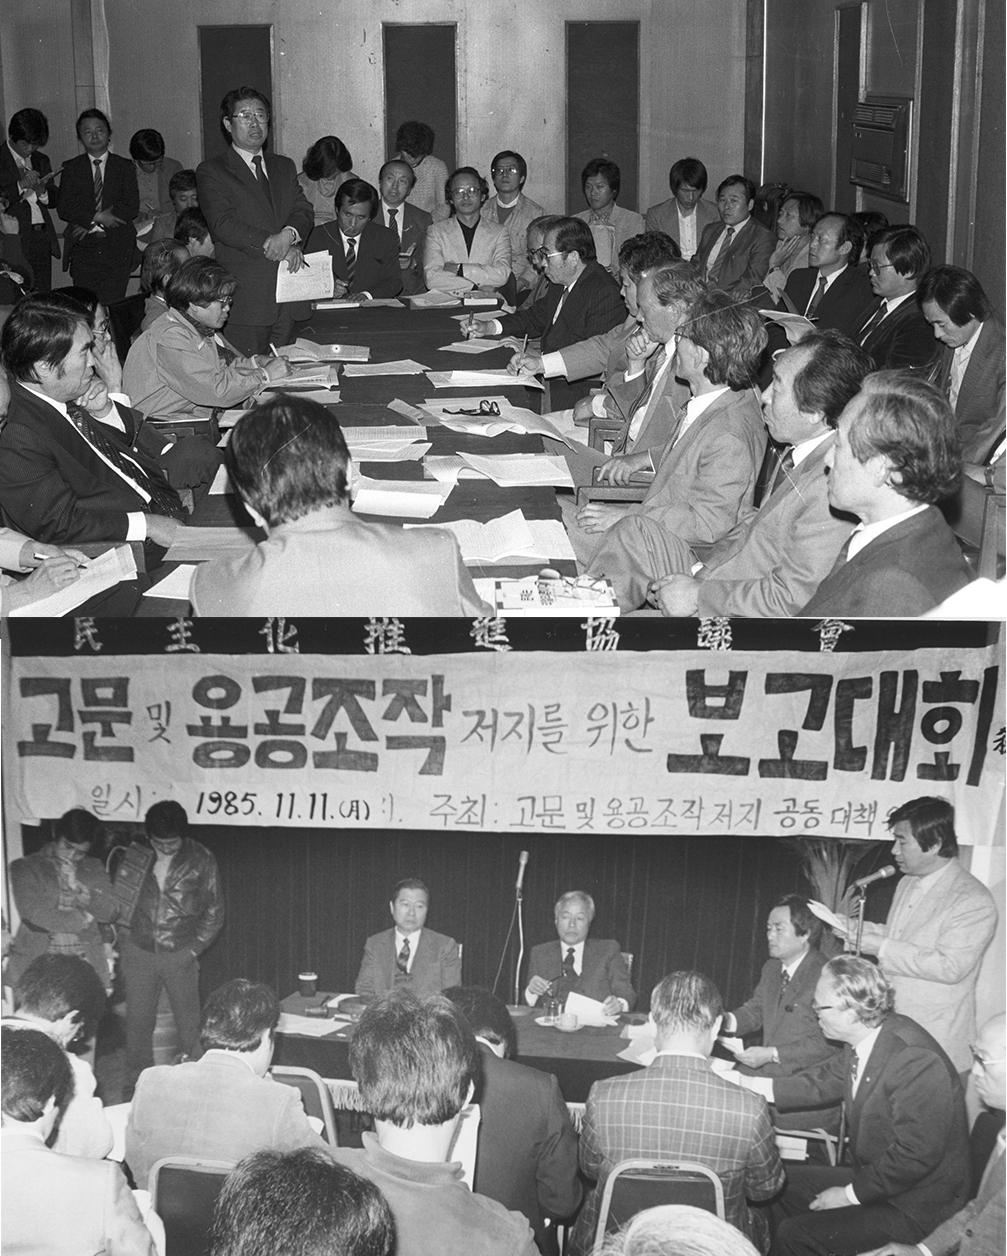 (위) 정치권을 포함한 각계단체가 1985년 10월 17일 기독교회관에서 모여 고문 및 용공조작 저지를 위한 공동대책위원회를 구성했다. (아래) 11월 11일 김대중 김영삼이 참석한 민추협 사무실에서 개최한 고문 및 용공조작 저지를 위한 보고대회